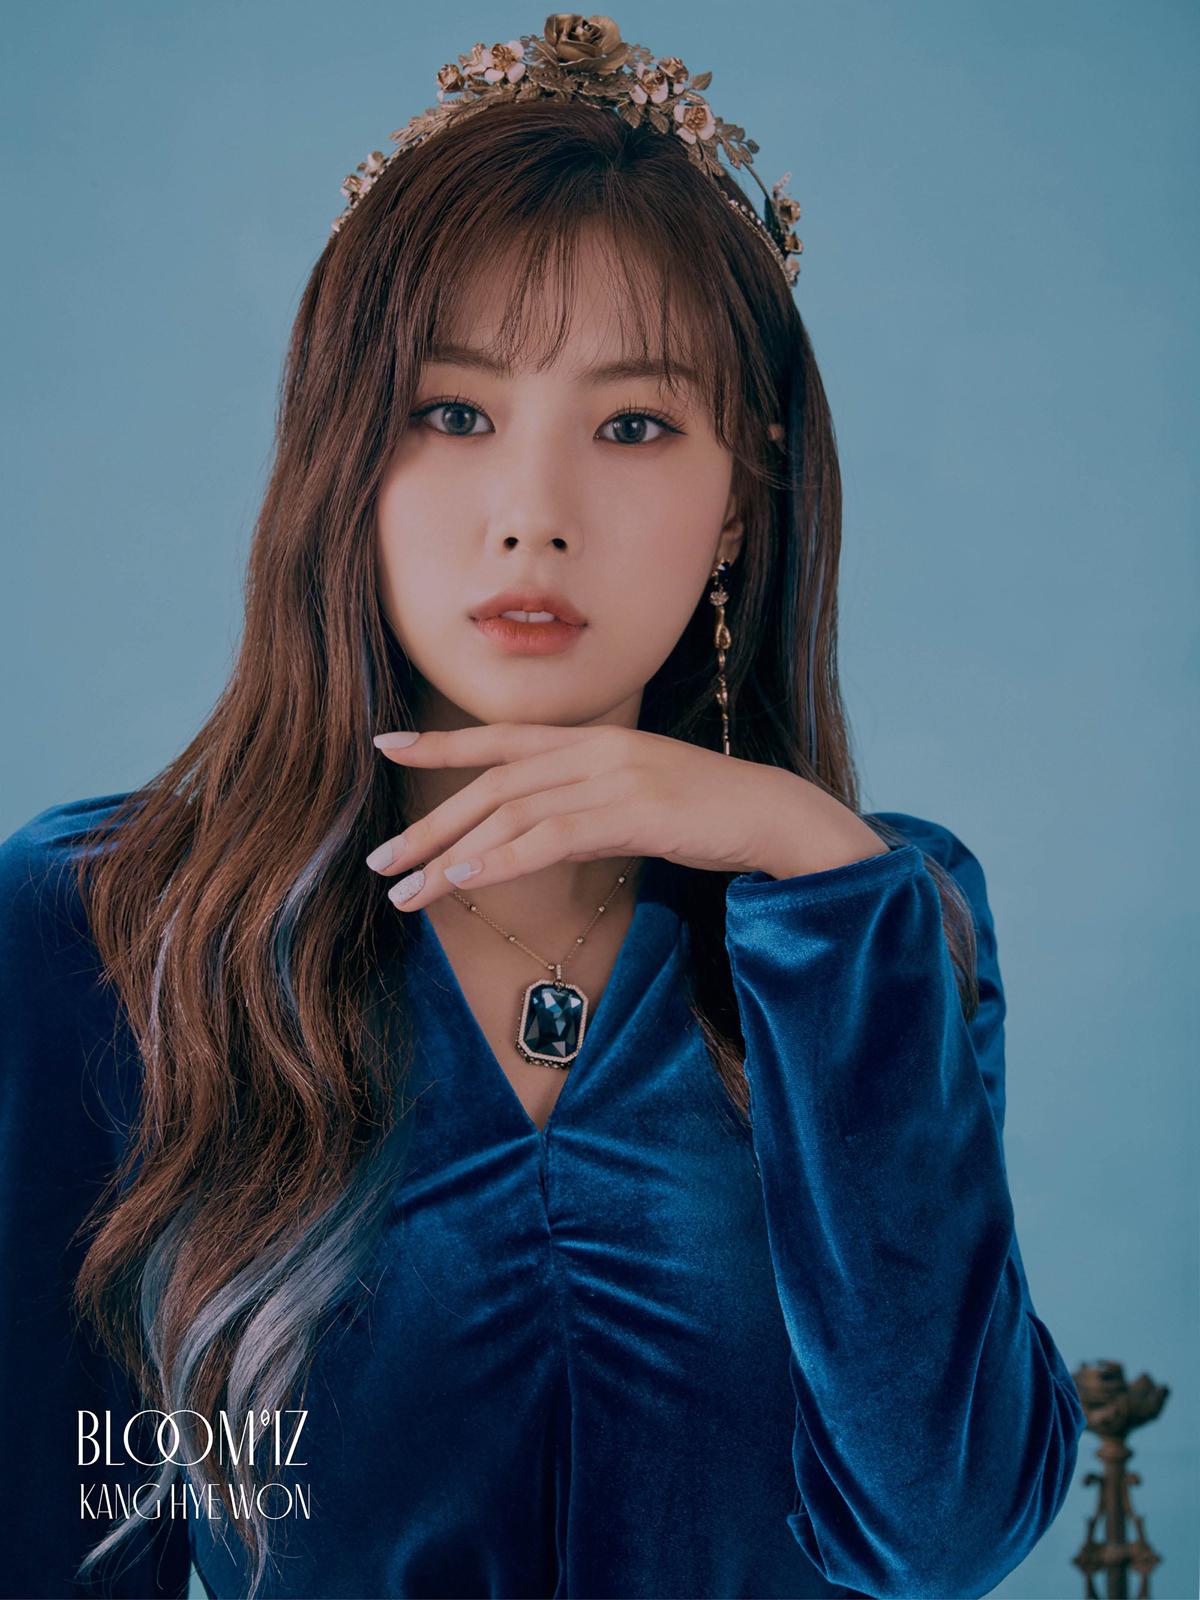 Nhan sắc của Hye Won trở nên đặc sắc và ấn tượng mạnh khi cô nàng từ bỏ hàng mày ngang, để kết duyên cùng lông mày cong. Phải công nhận, gương mặt của Hye Won trở nên sắc nét hơn rất nhiều khi thay đổi dáng lông mày.